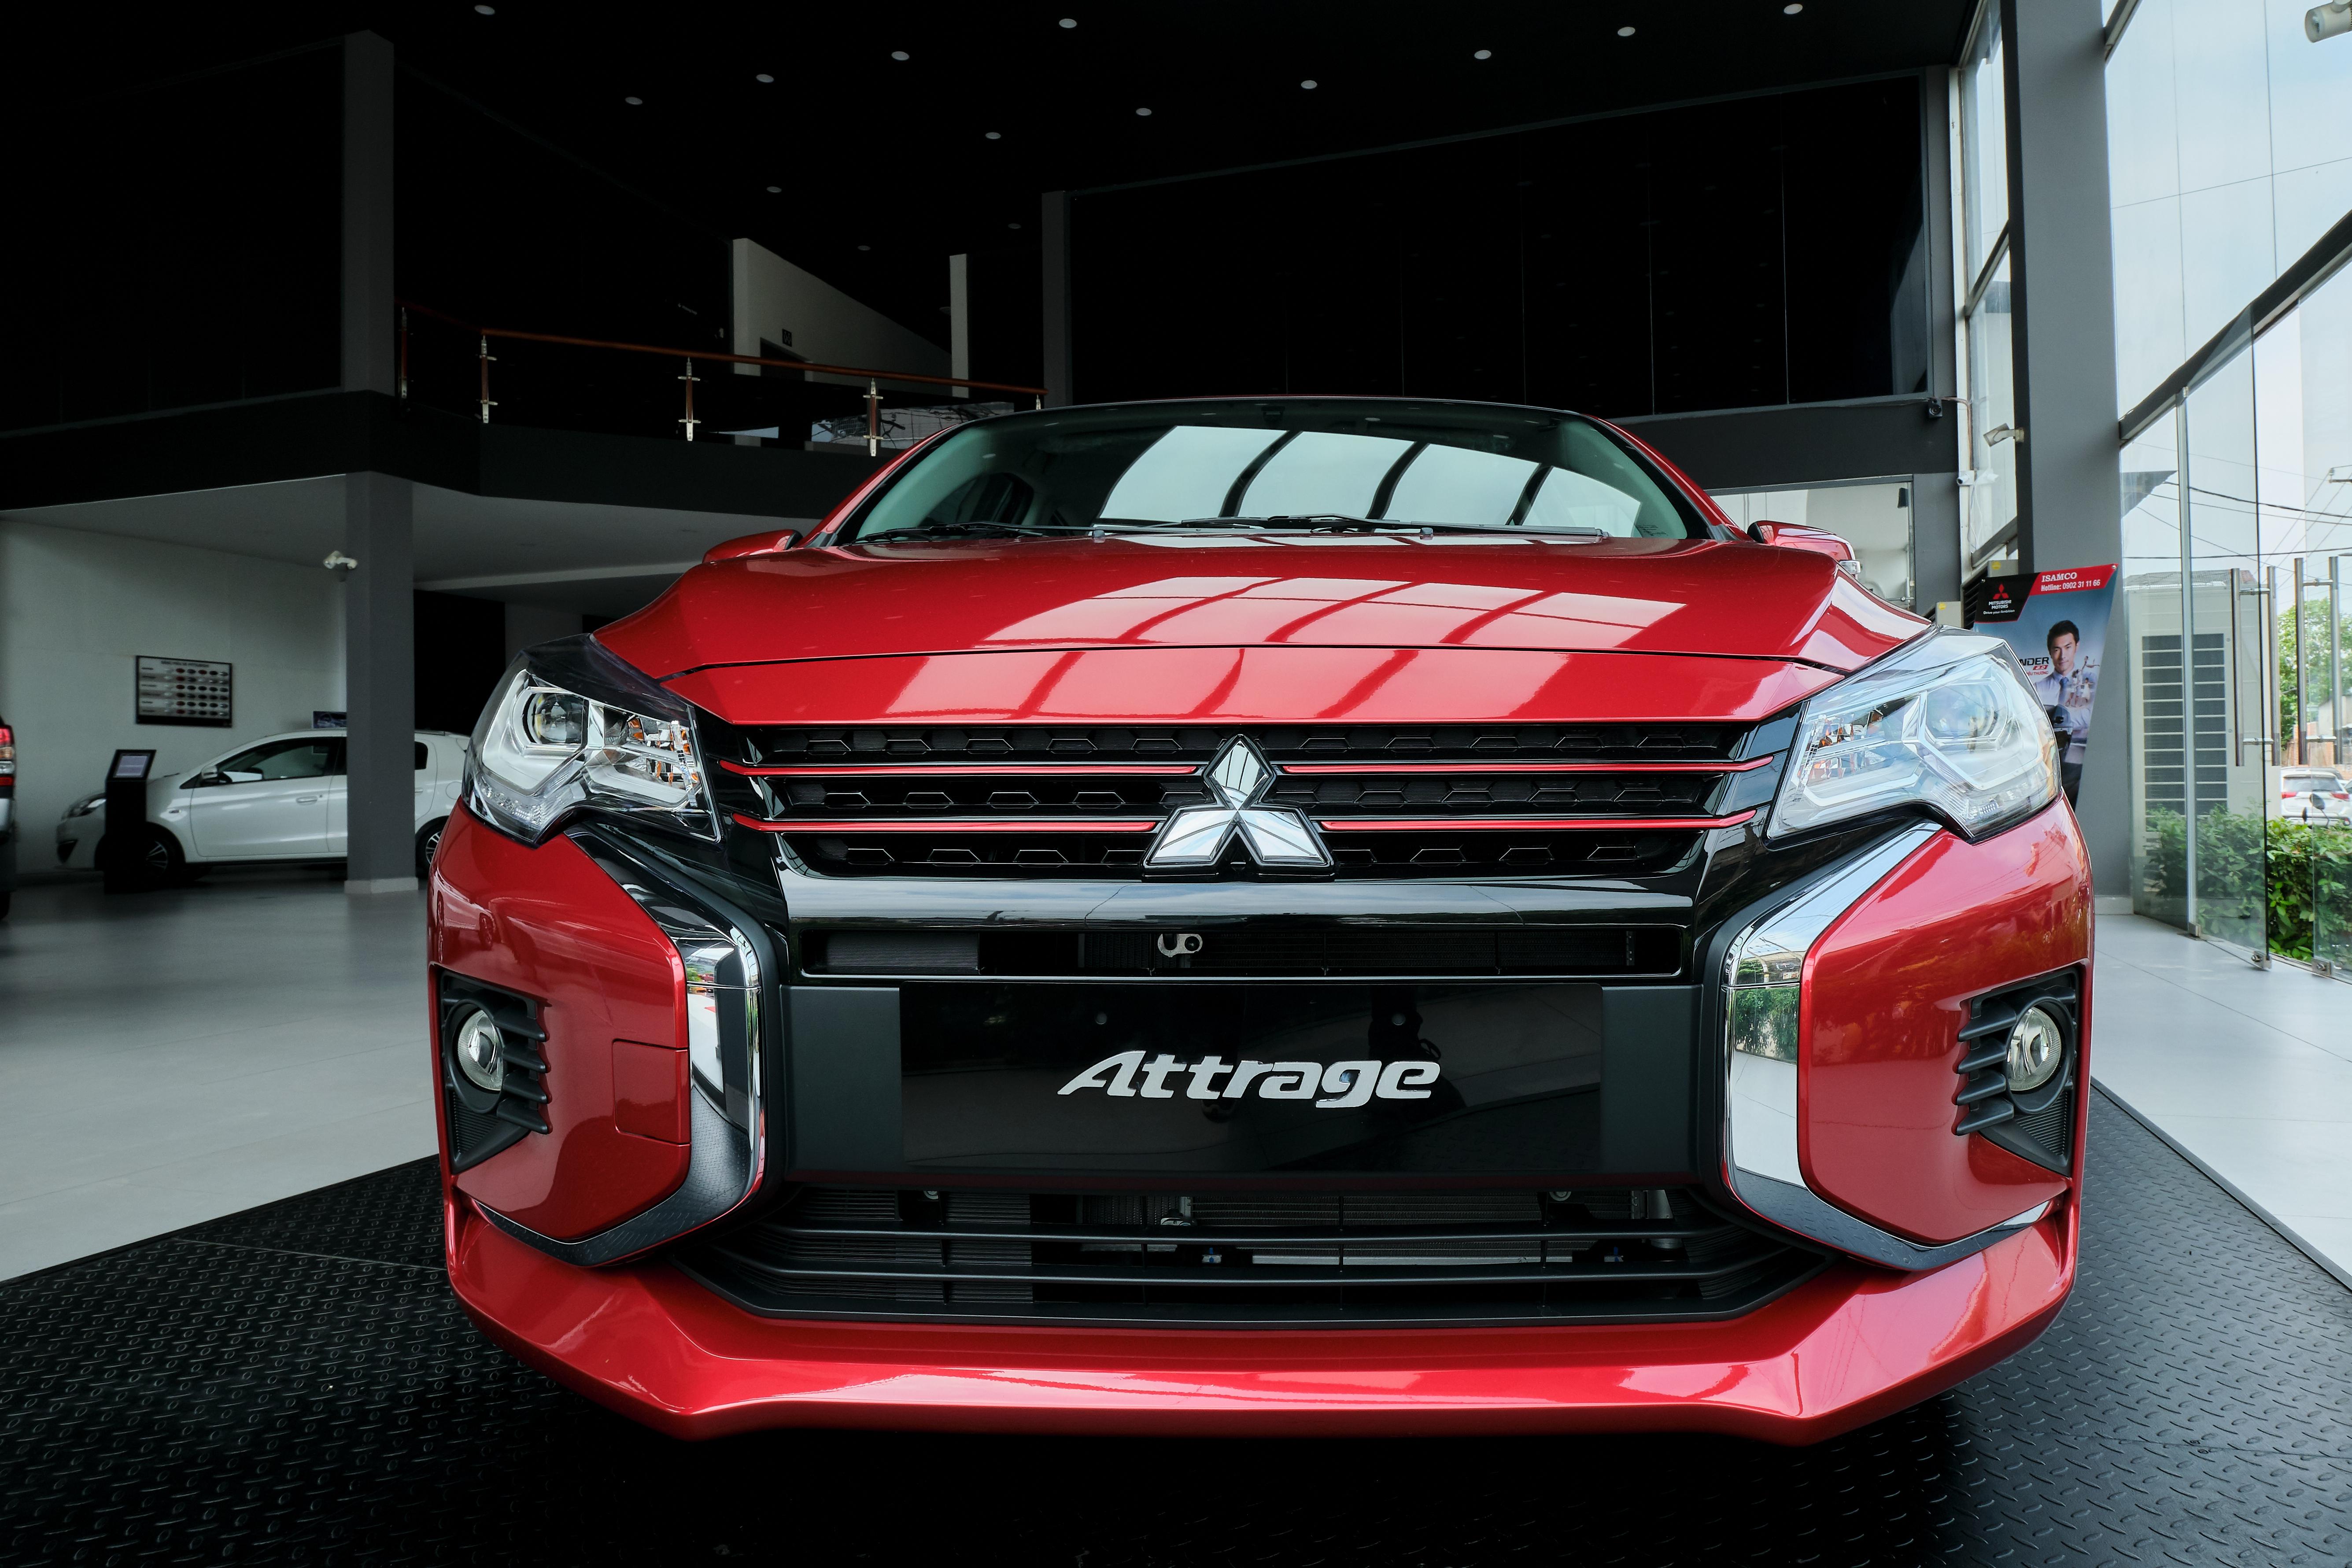 ATTRAGE 2020 ra mắt – Thiết kế hiện đại, chất lượng Nhật Bản, giá tốt nhất phân khúc